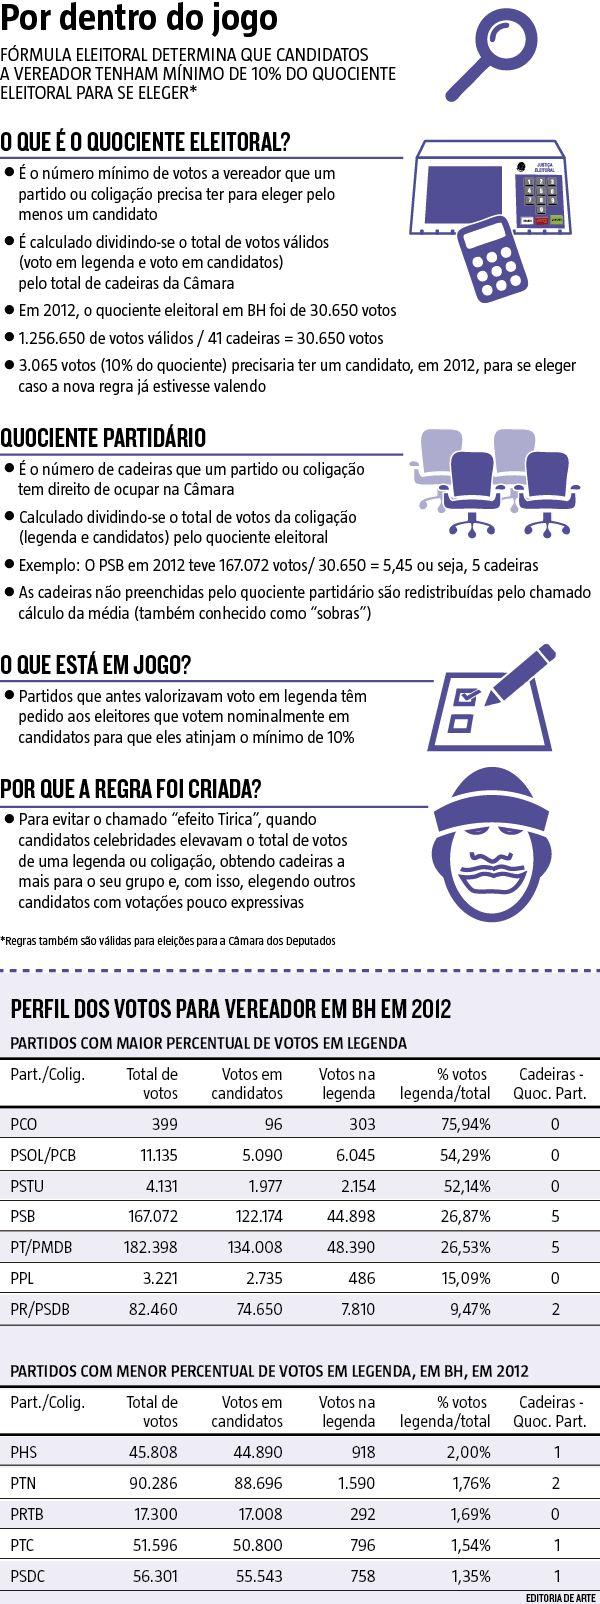 Uma nova regra de cálculo para a eleição de vereador tem feito com que pequenos partidos, que historicamente valorizaram o voto em legenda – que busca reforçar a identidade do grupo – , peçam eleitores para votar em candidatos individualmente. (01/10/2016) #Camara #Tiririca #Coeficiente #Vereador #Partido #Legenda #Infraestrutura #Infográfico #Infografia #HojeEmDia